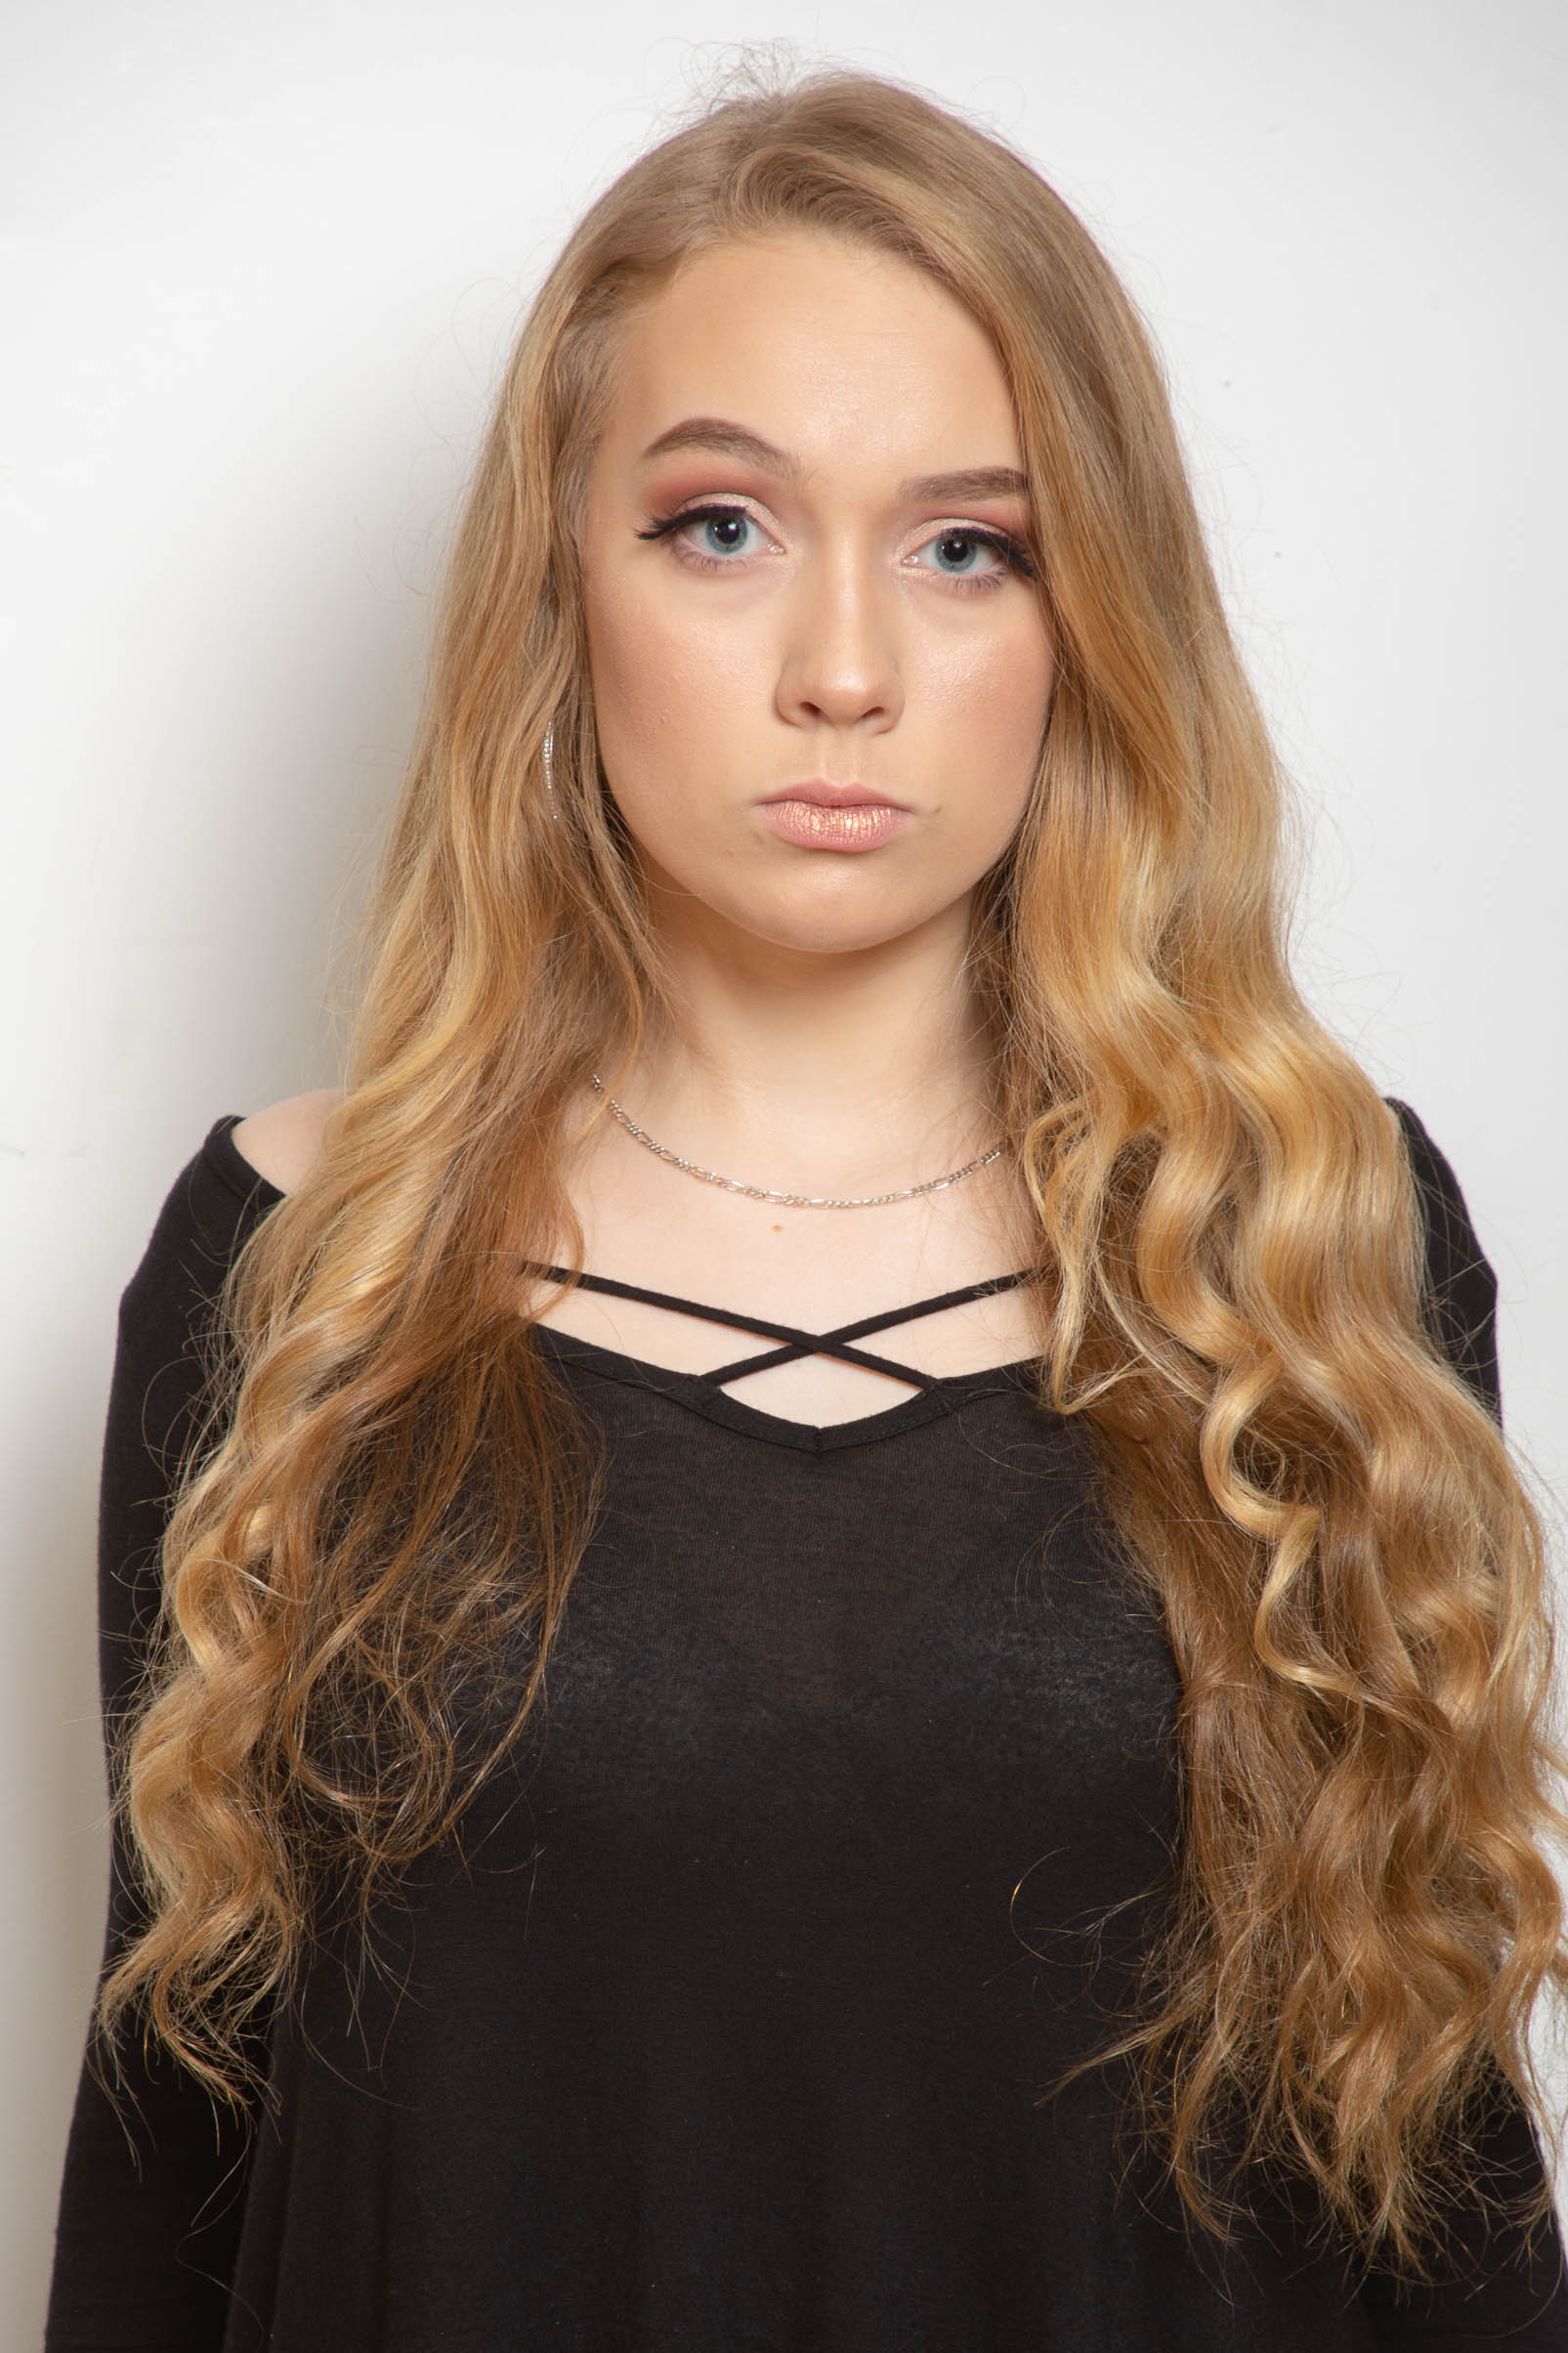 Elizabeth - Model / Dancer